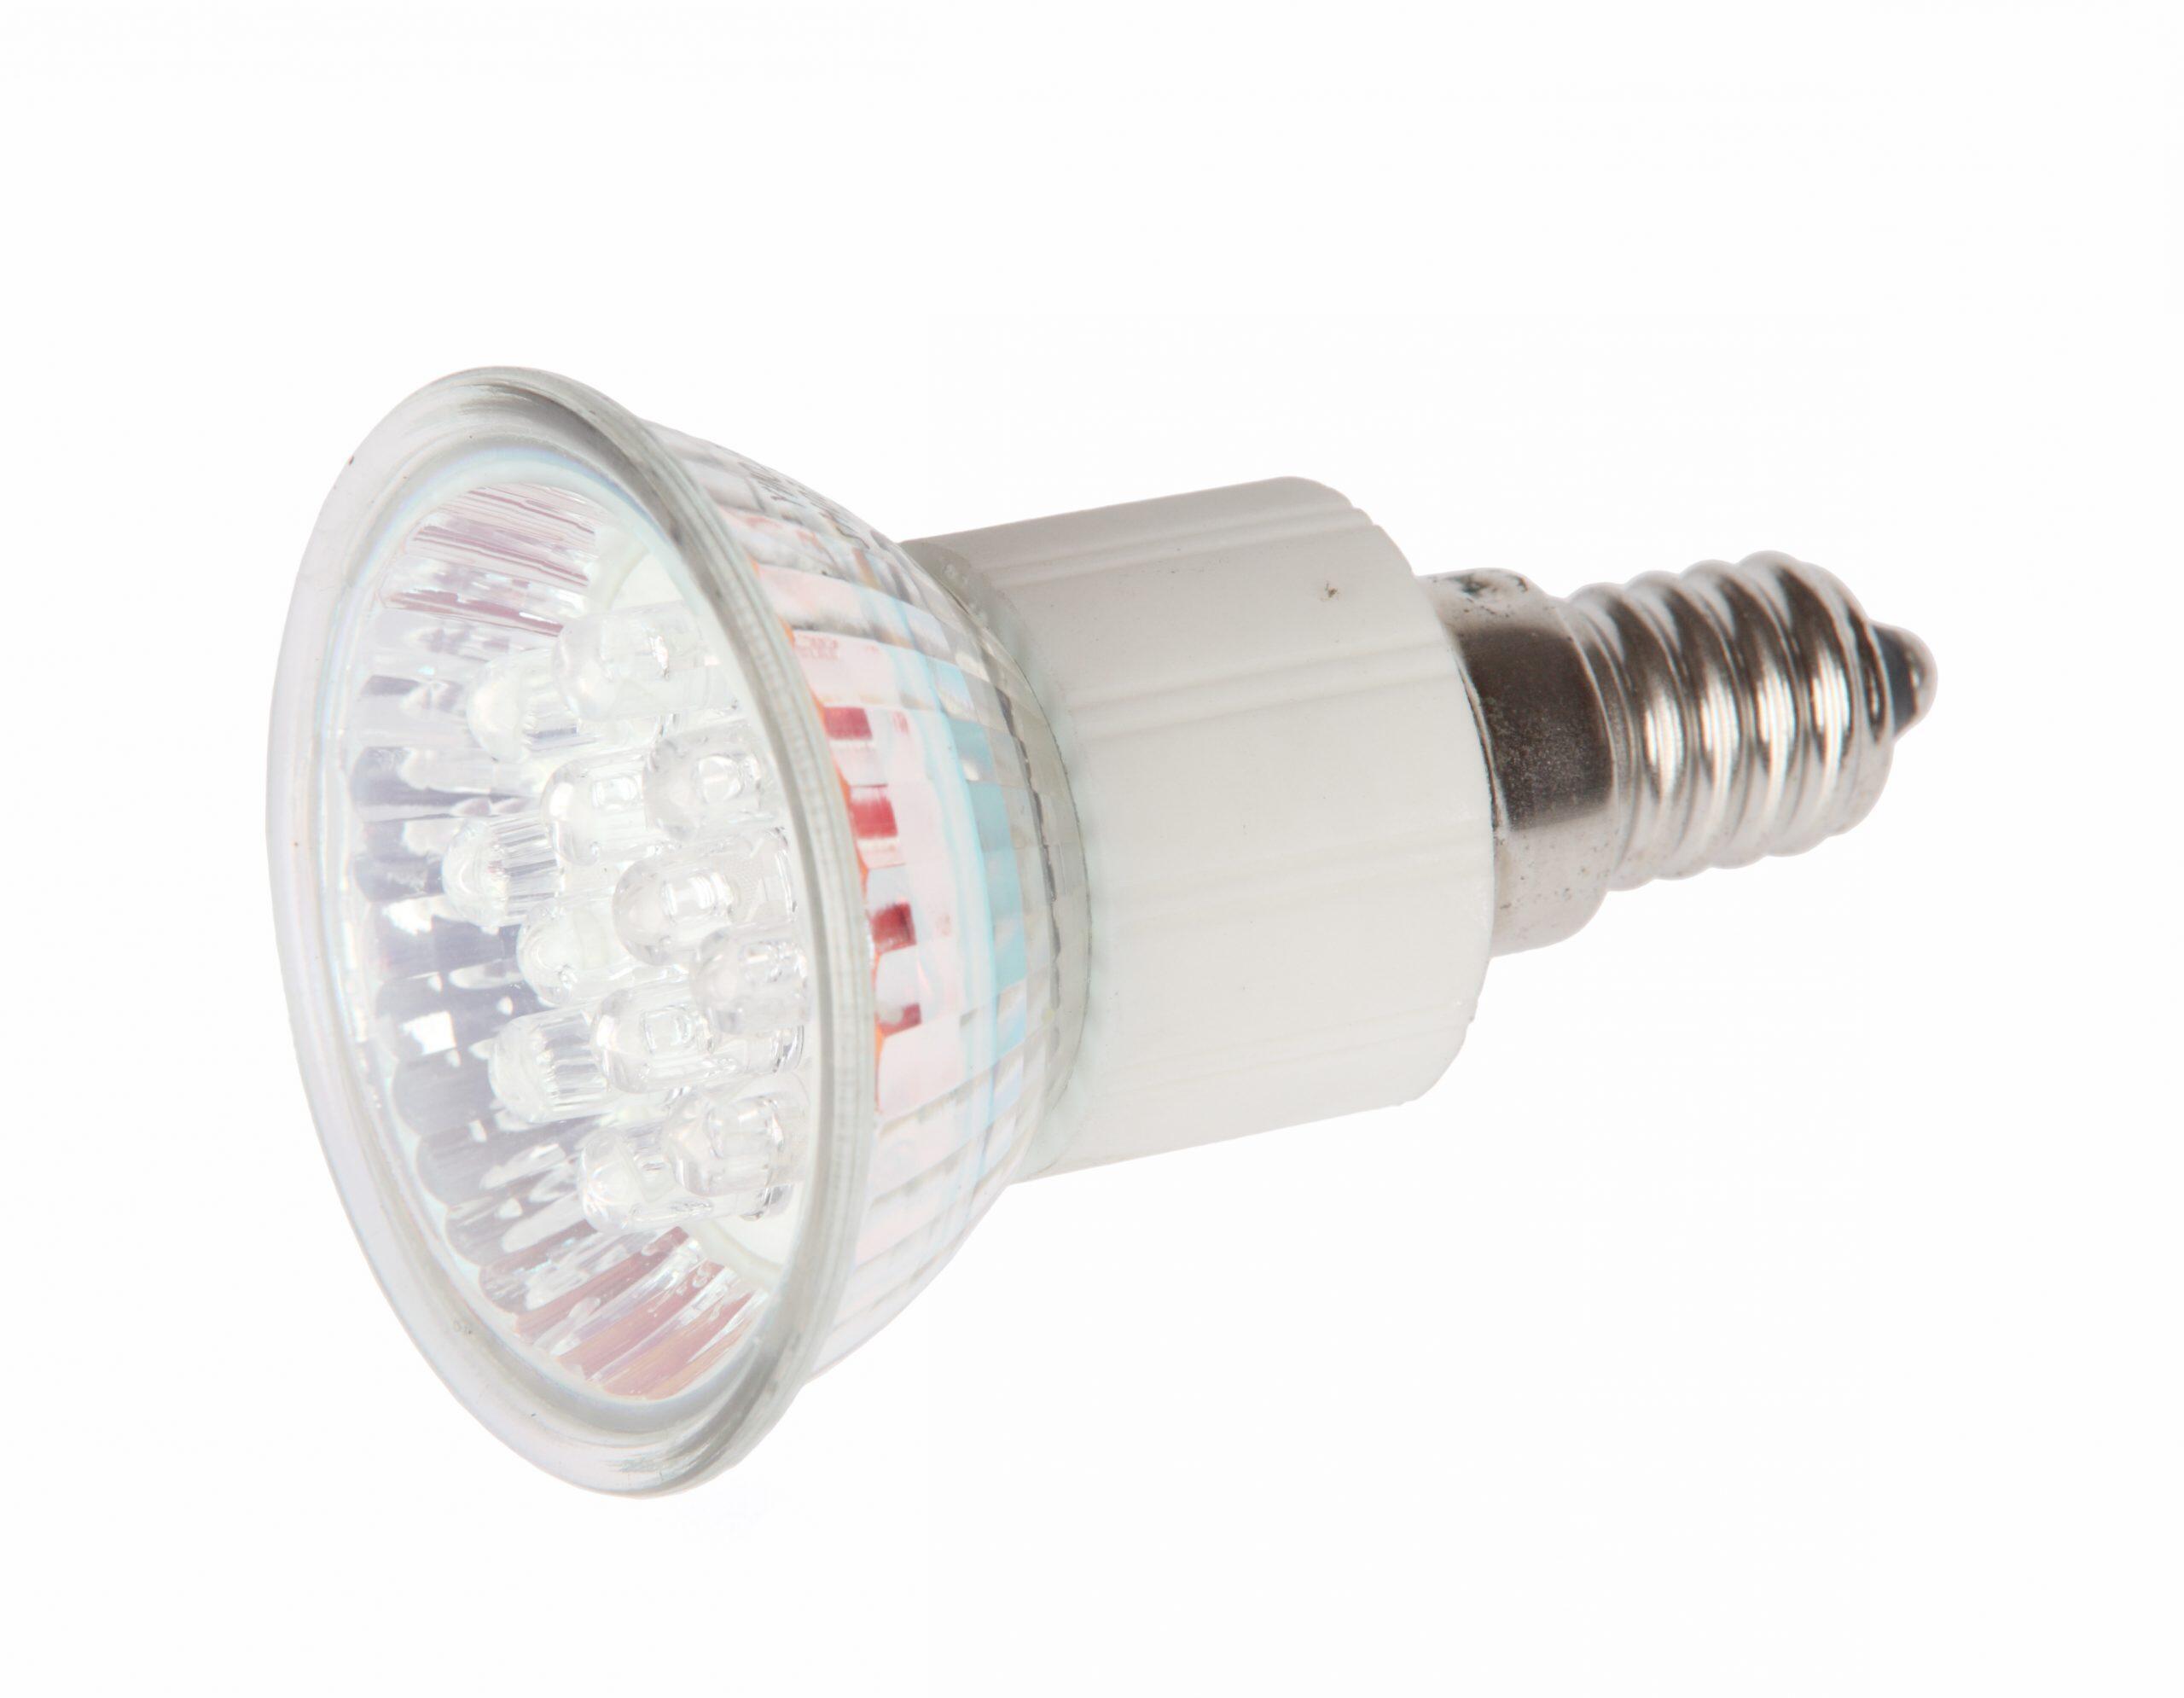 Comment changer l'ampoule d'un spot extérieur ?